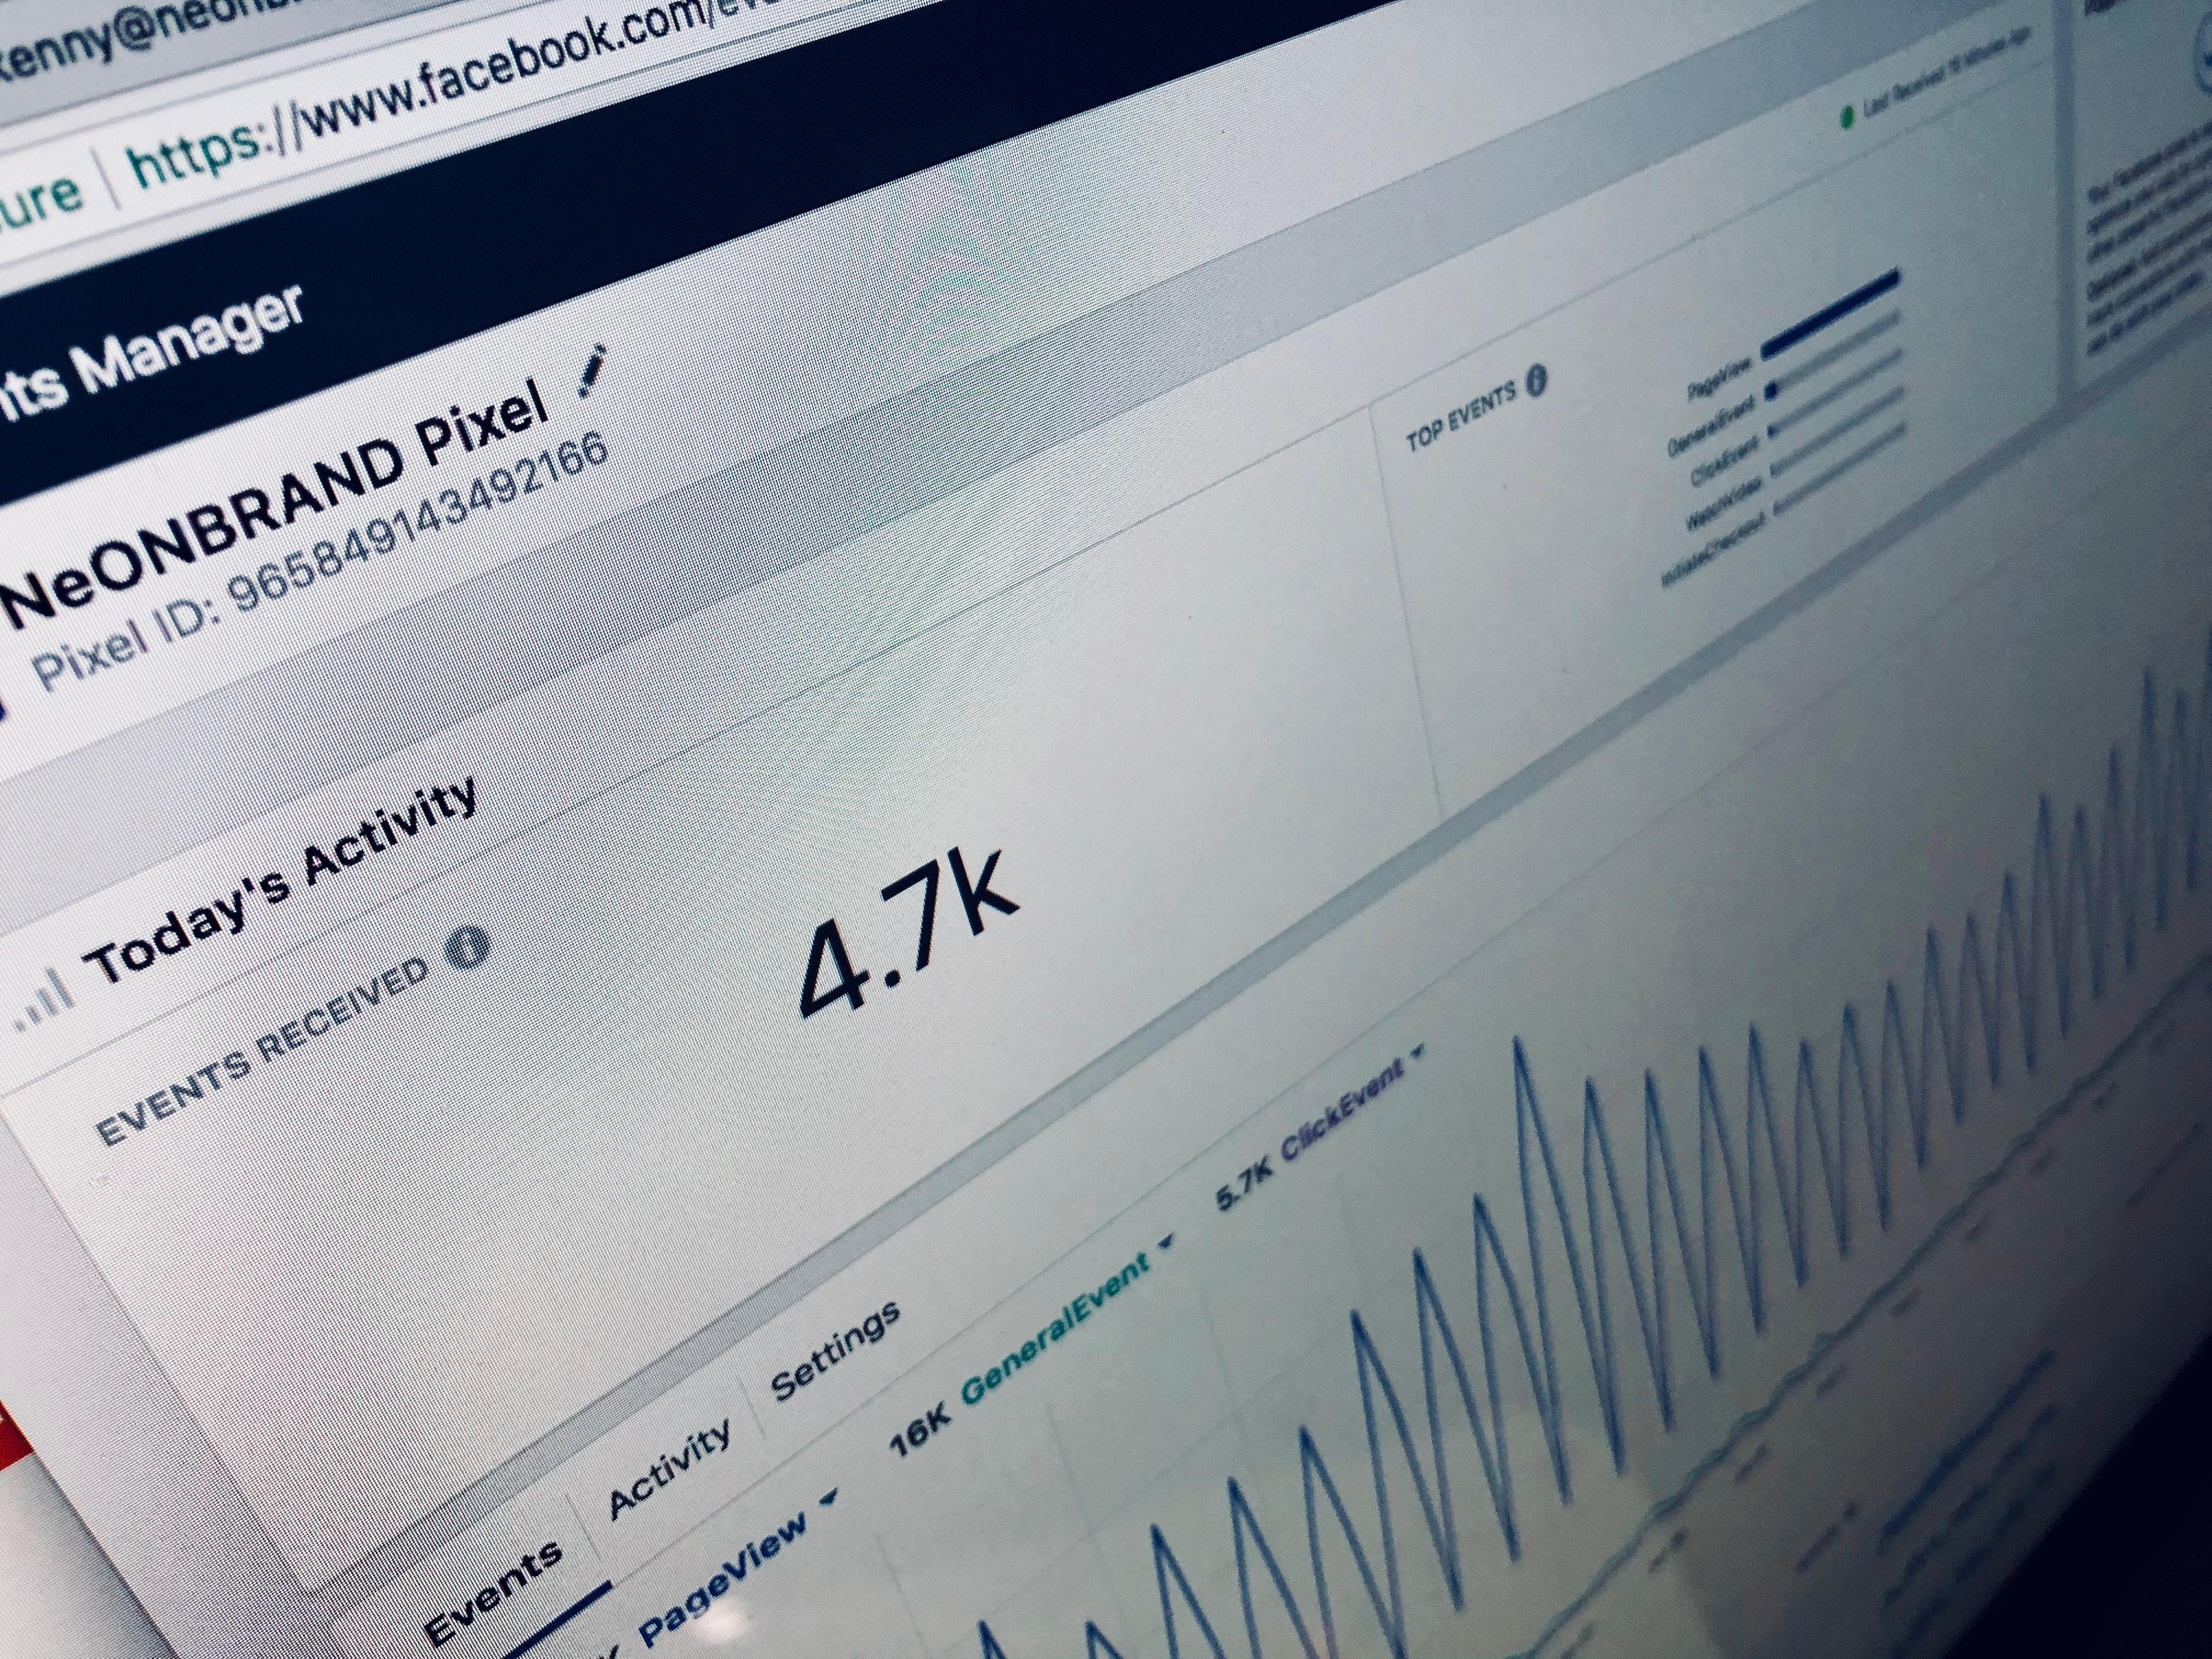 4 estrategias de social media para ecommerces